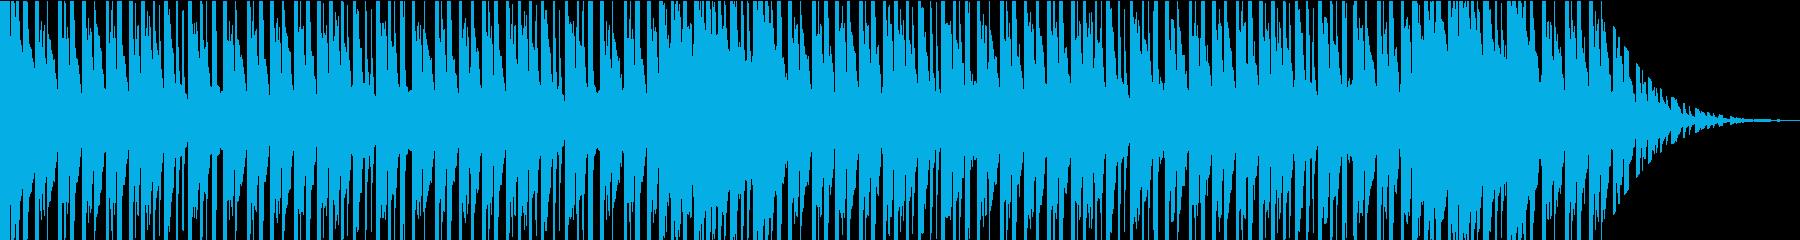 30秒・パーカッション・ワークアウトの再生済みの波形